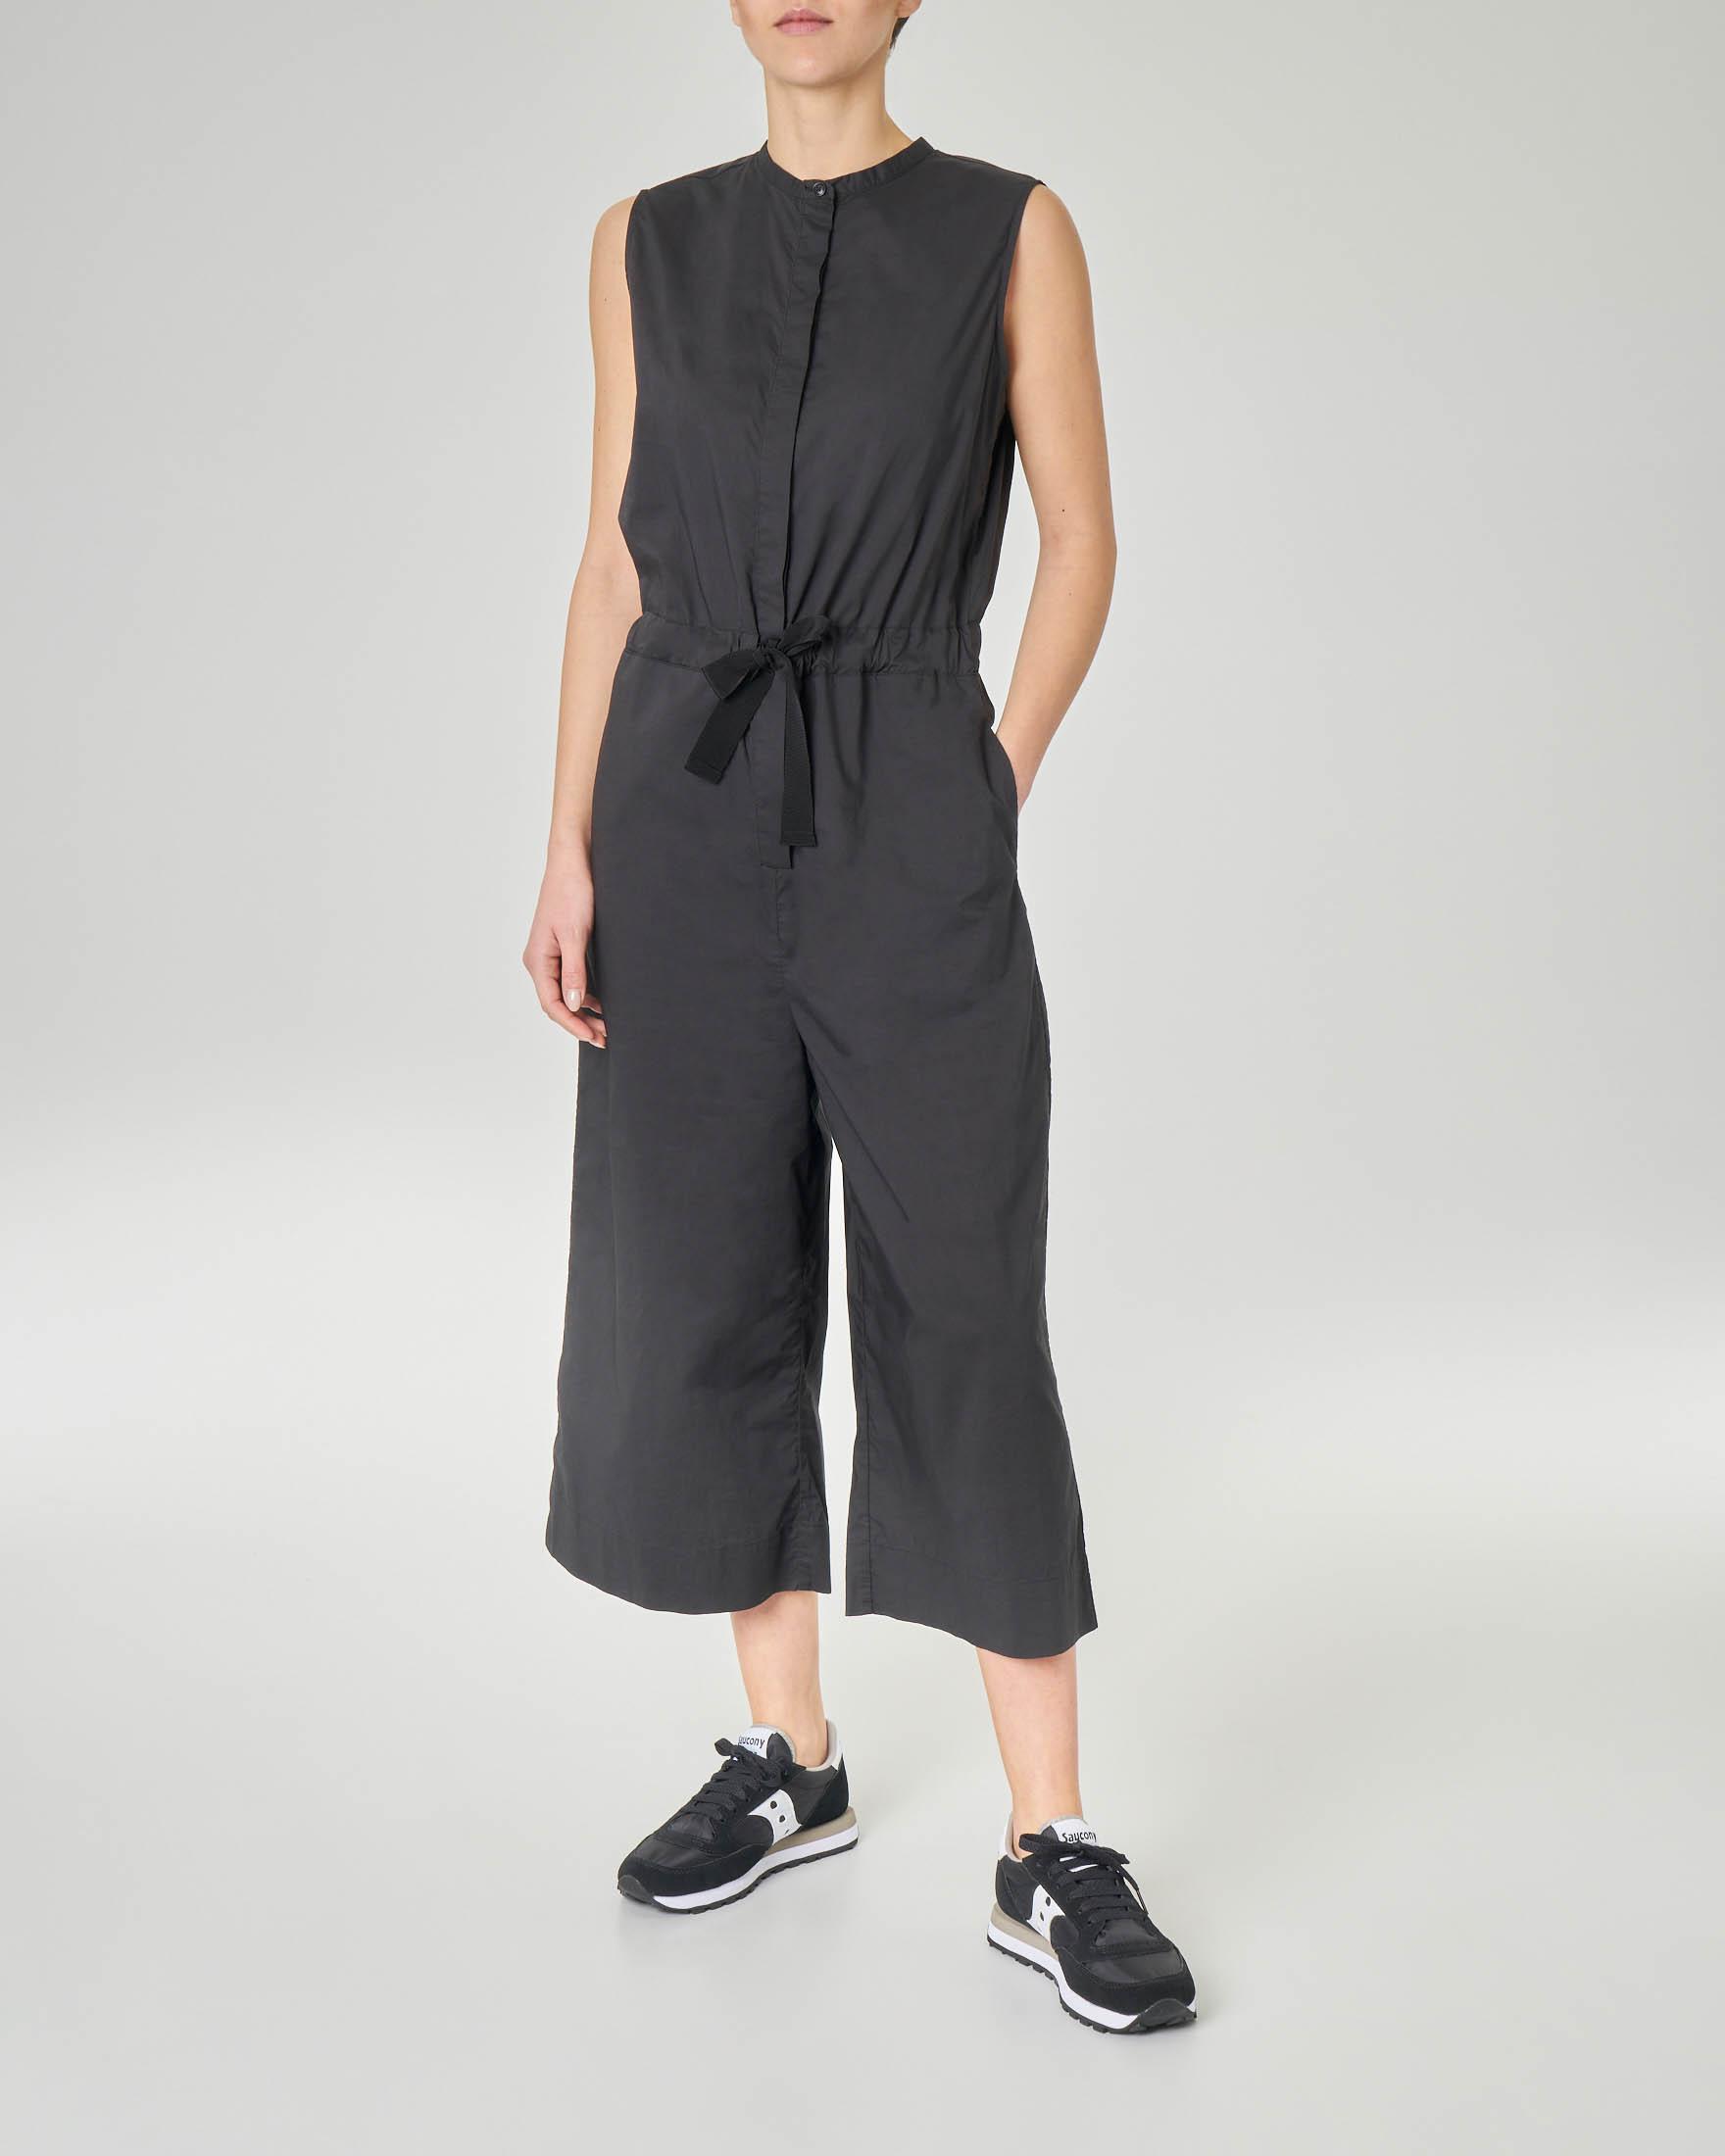 Tuta pantalone in cotone nera con coulisse in vita